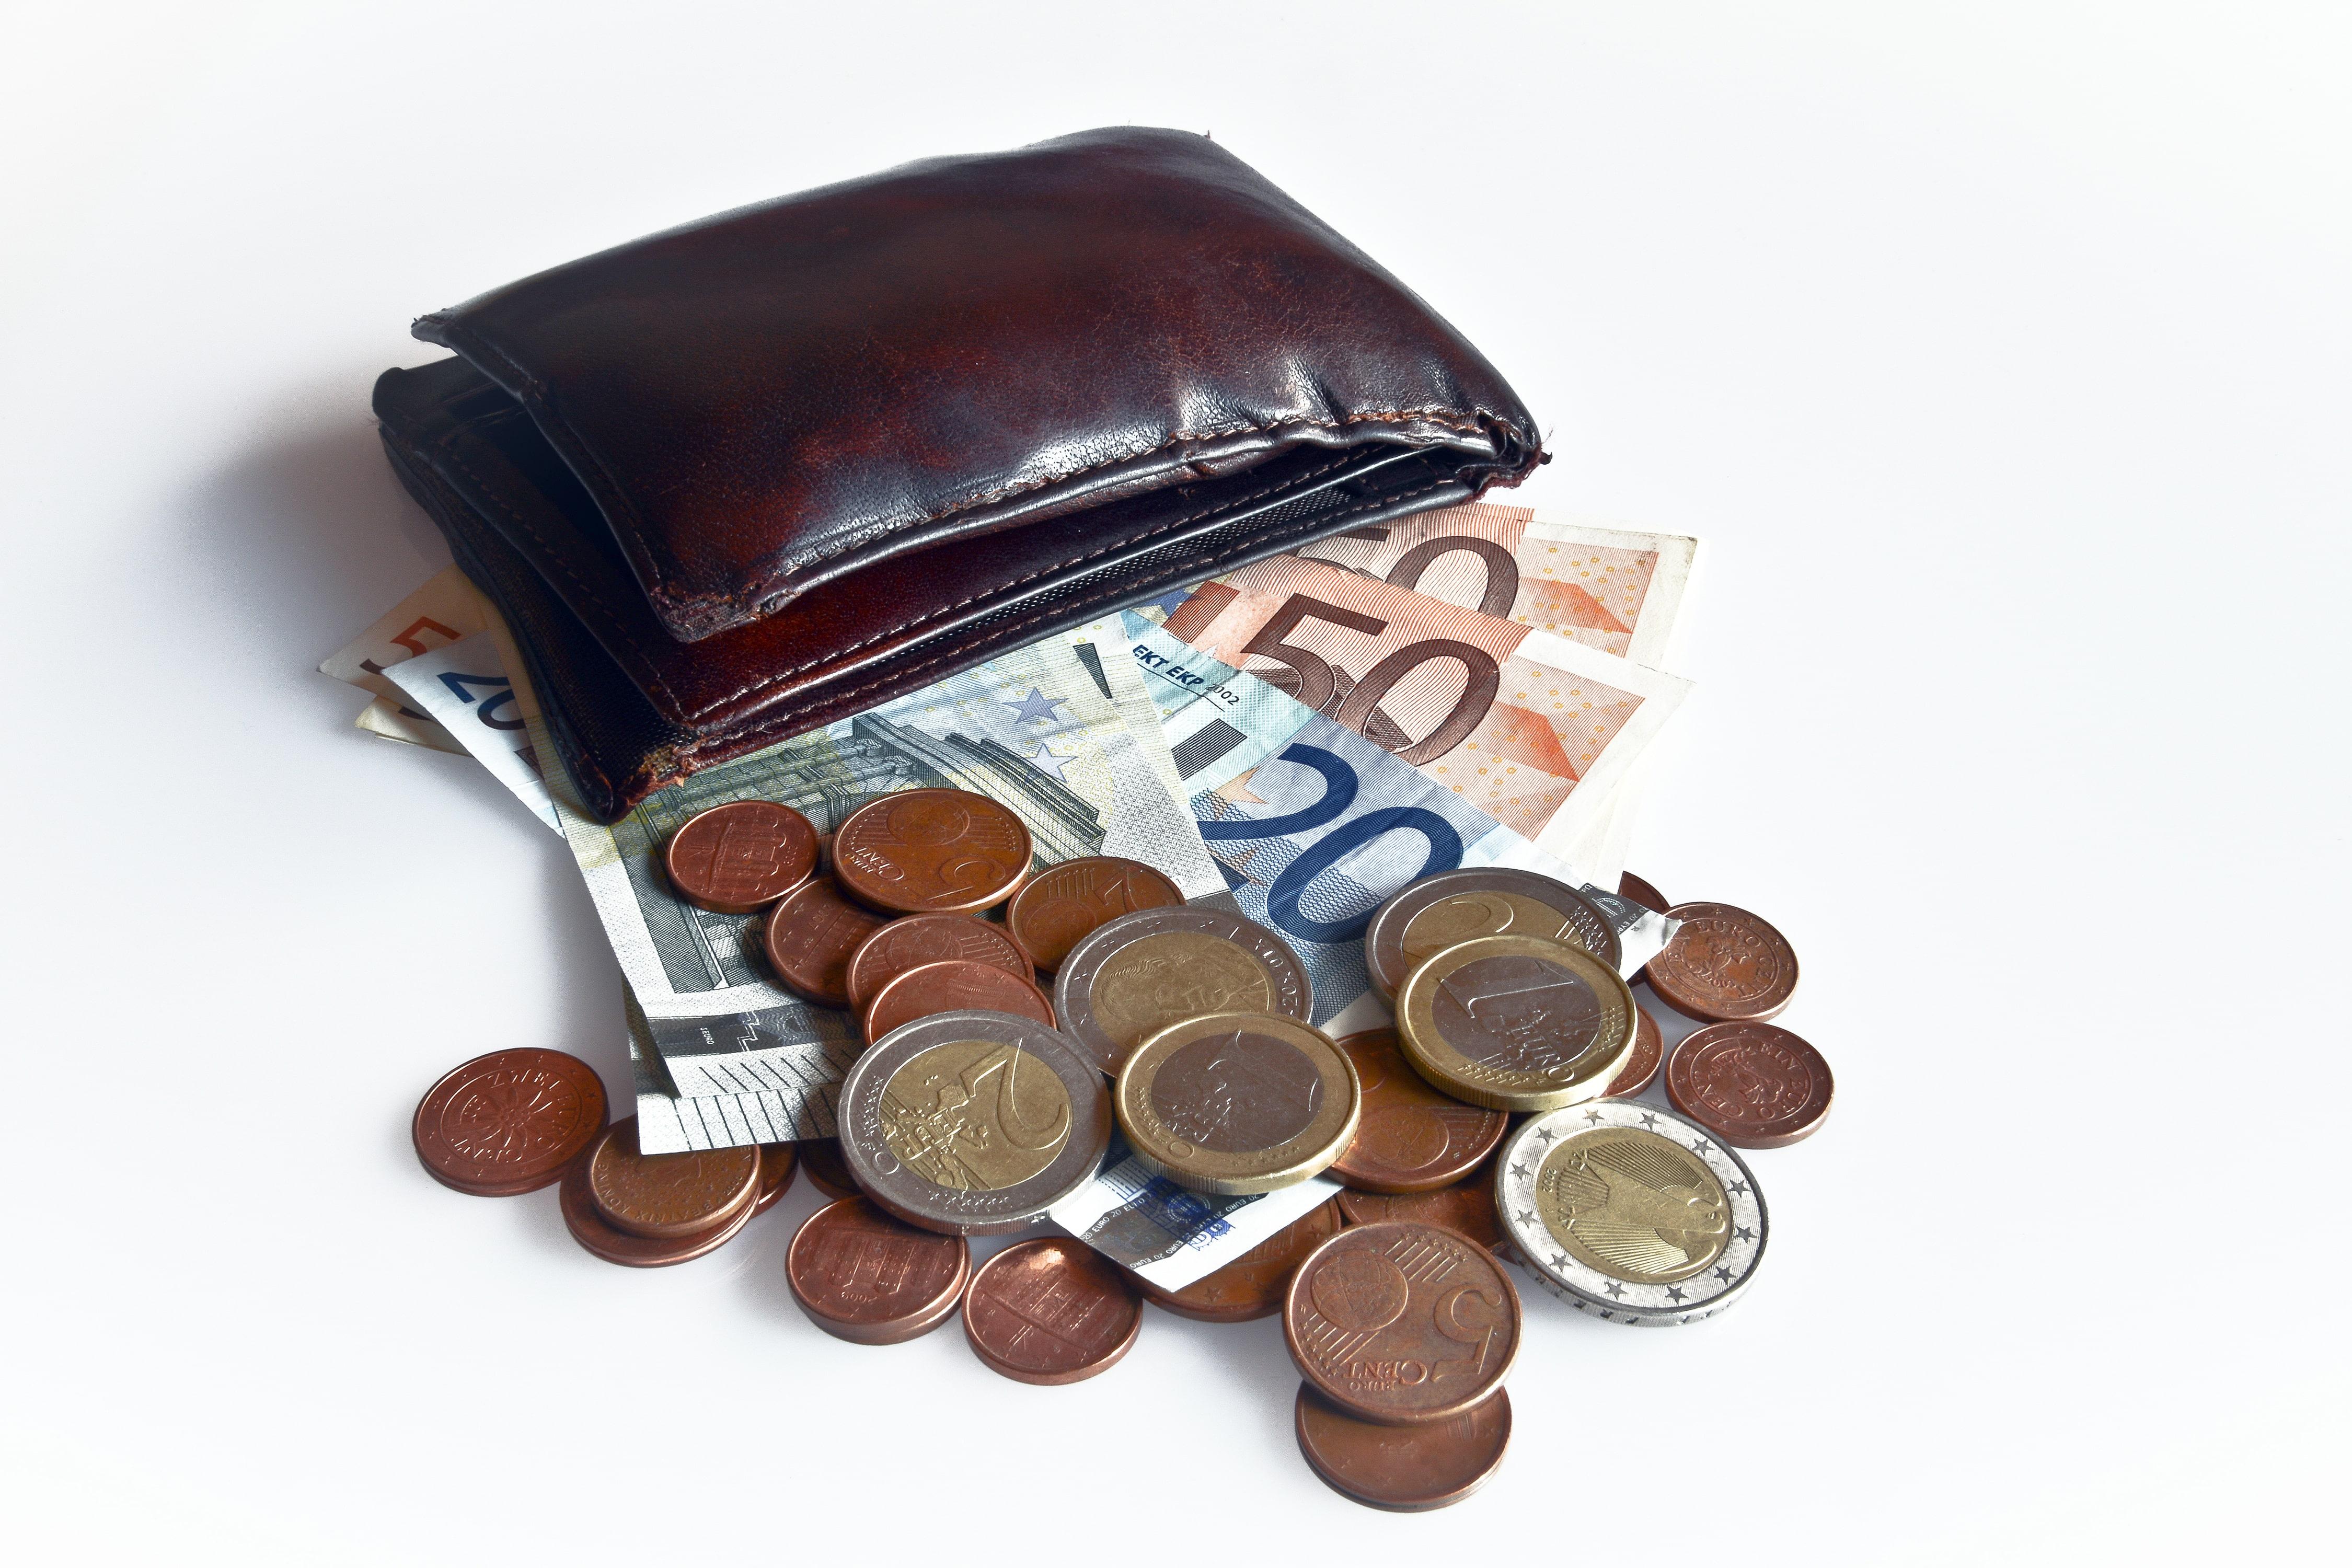 prestamistas en Vilanova i la Geltrú particulares y privados